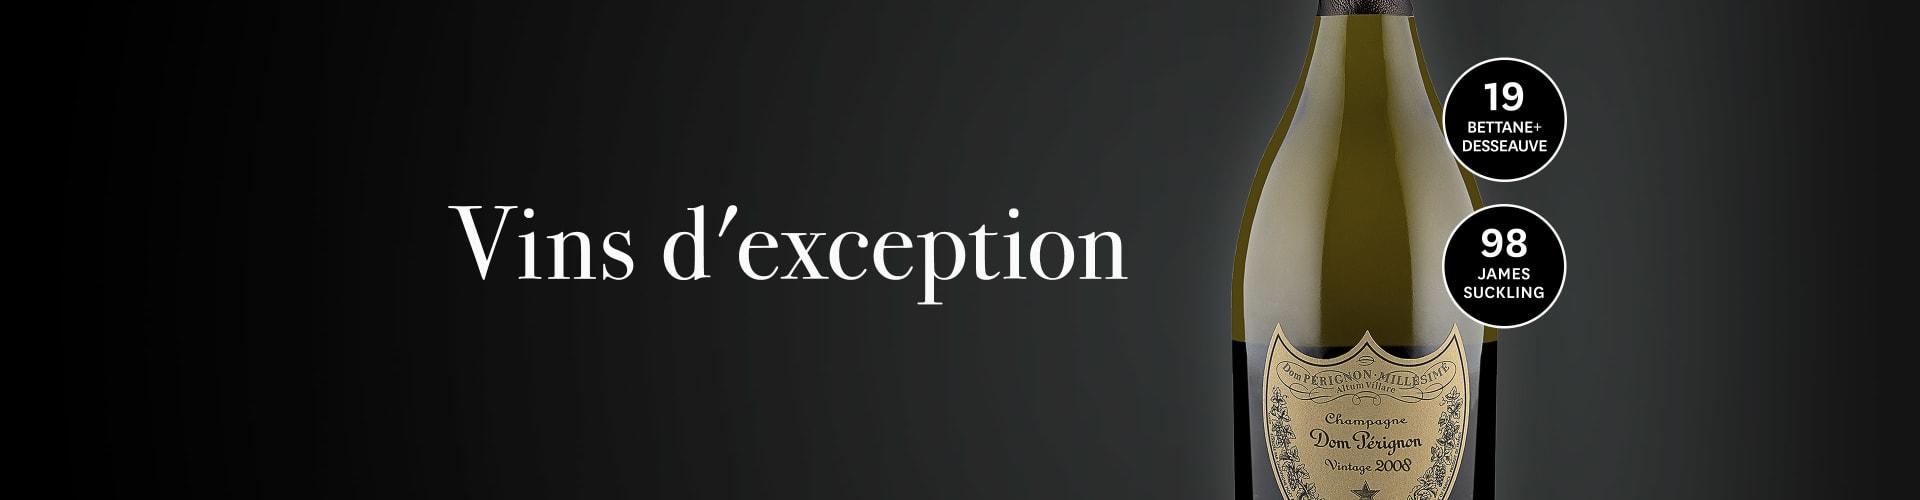 Légendaire Dom Pérignon